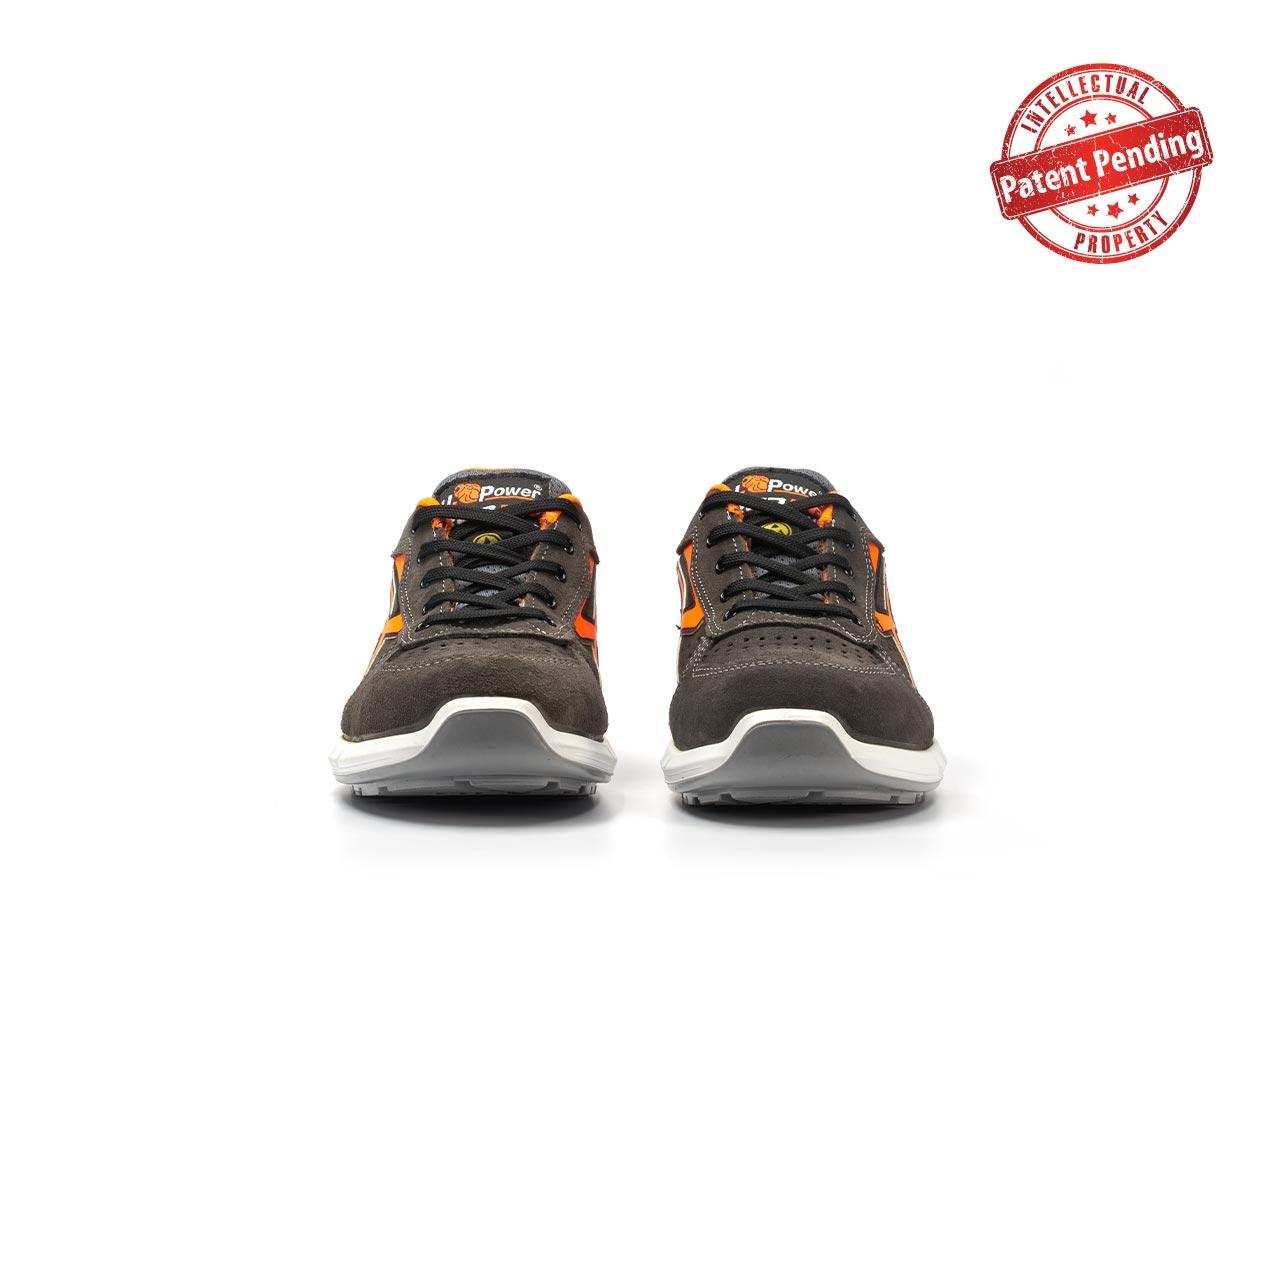 paio di scarpe antinfortunistiche upower modello sirio plus linea redup plus vista frontale